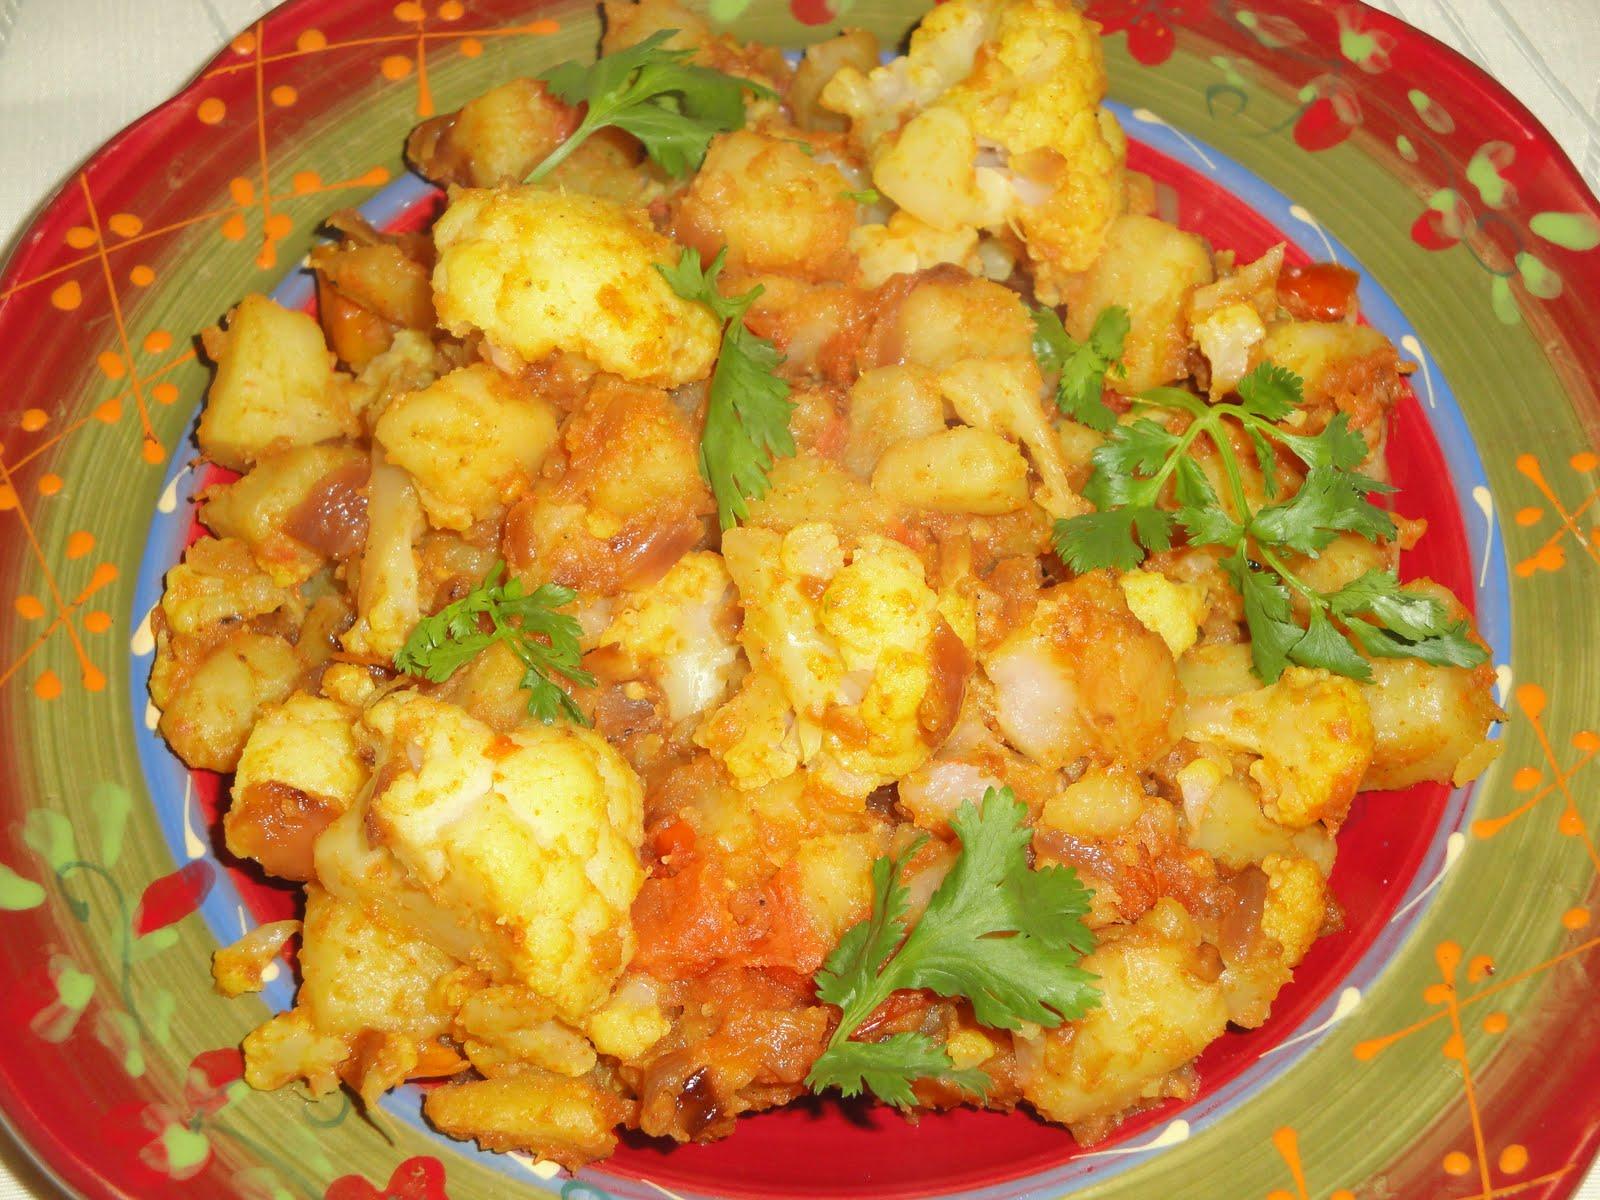 Food and Taste: Aloo Gobi